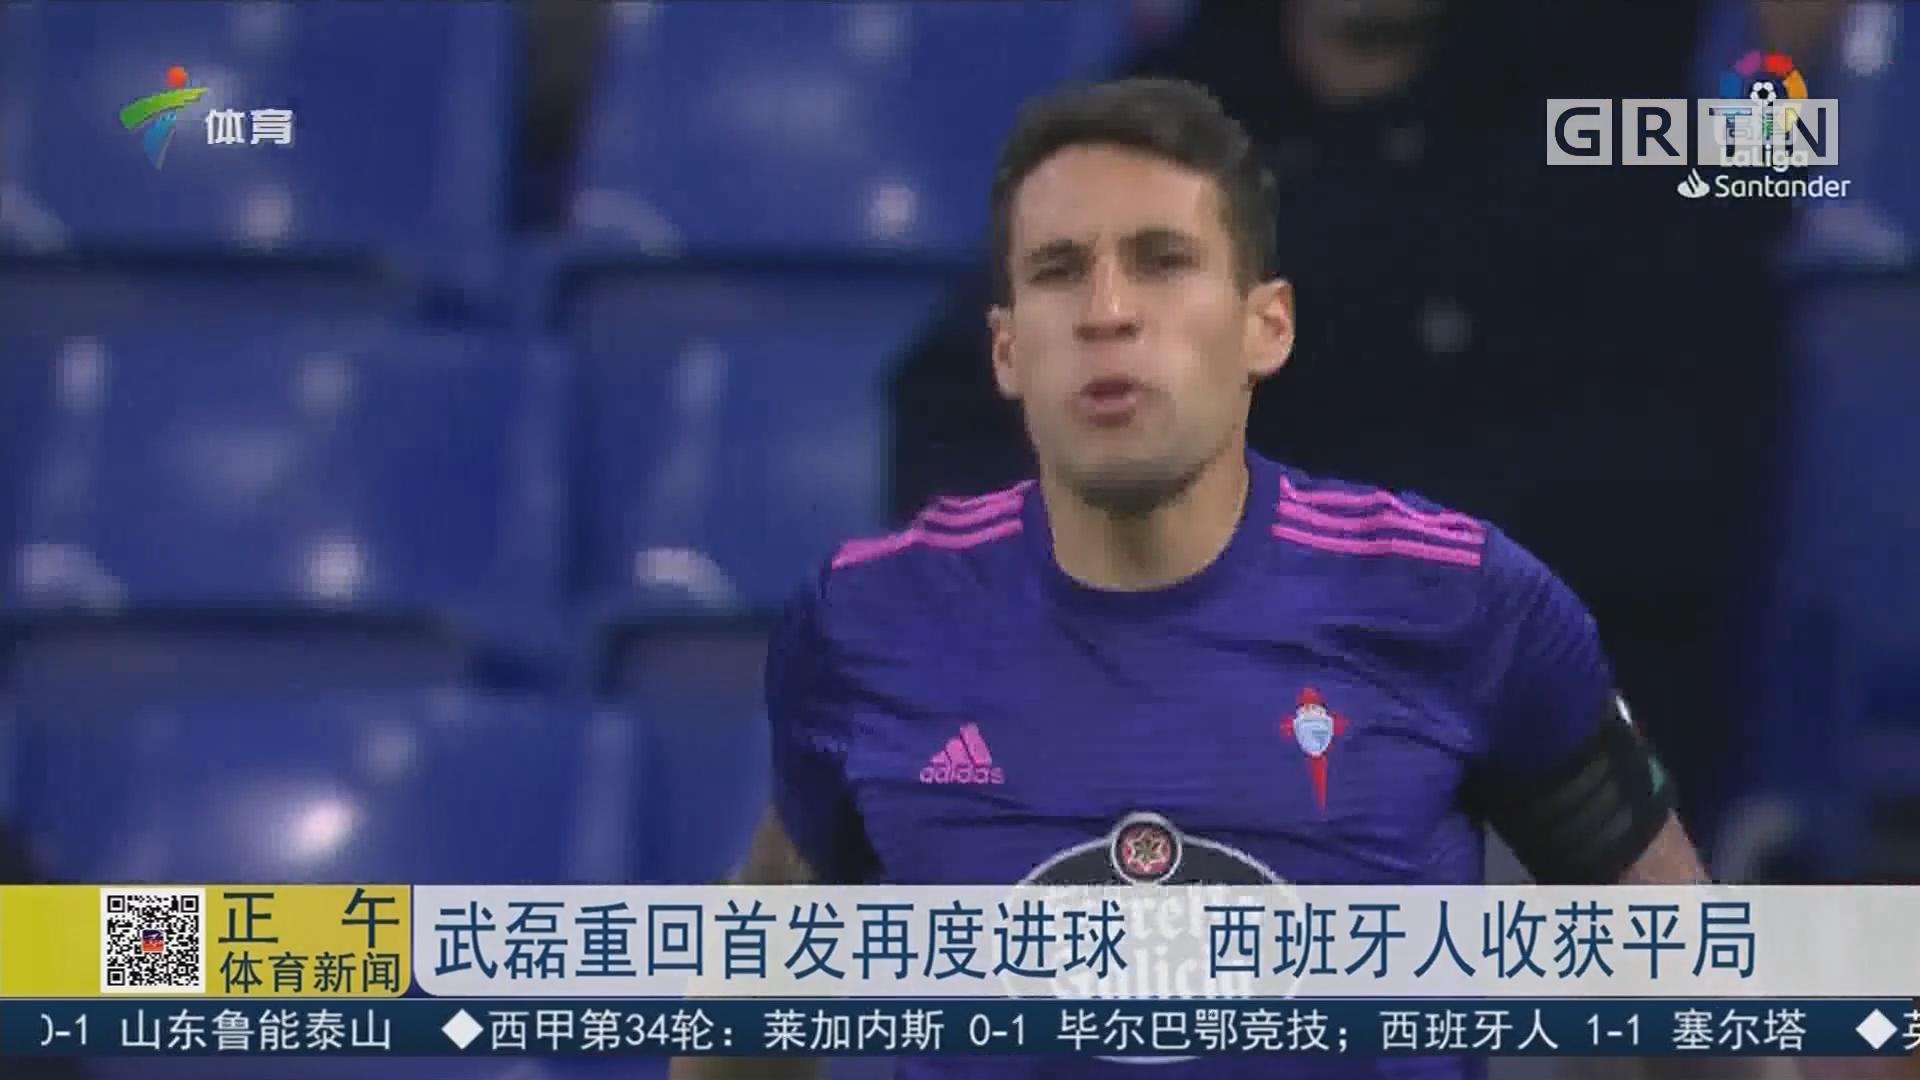 武磊重回首发再度进球 西班牙人收获平局